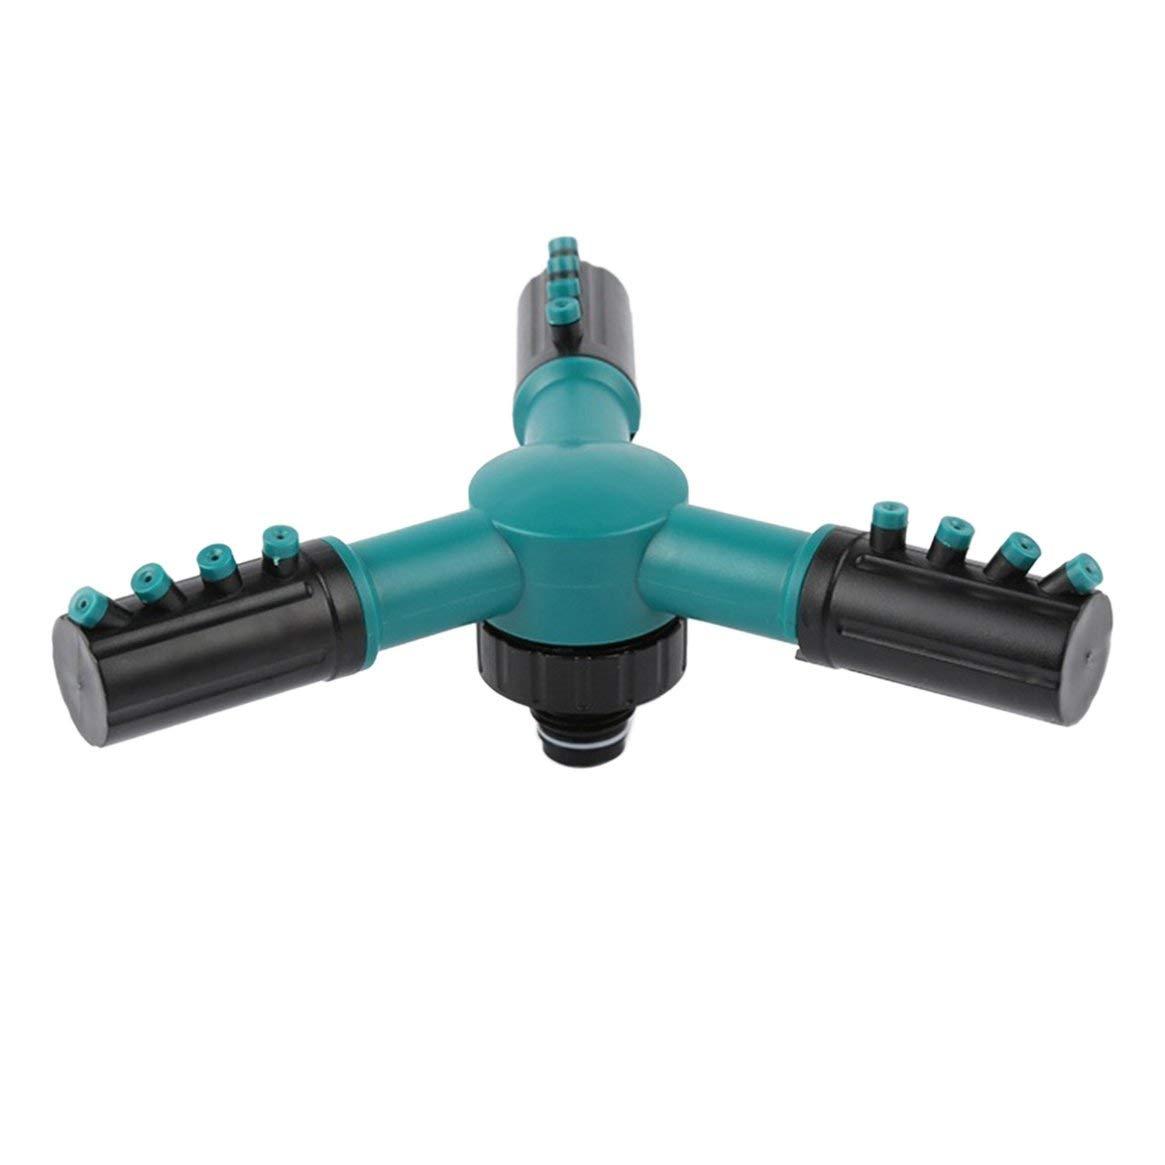 Delicacydex Ugello del trigemino Regolabile irrigatore Sprinkler del Giardino di Primavera Ugello Rotante di 360 Gradi per irrigazione del Prato Inglese Fiori - Verde